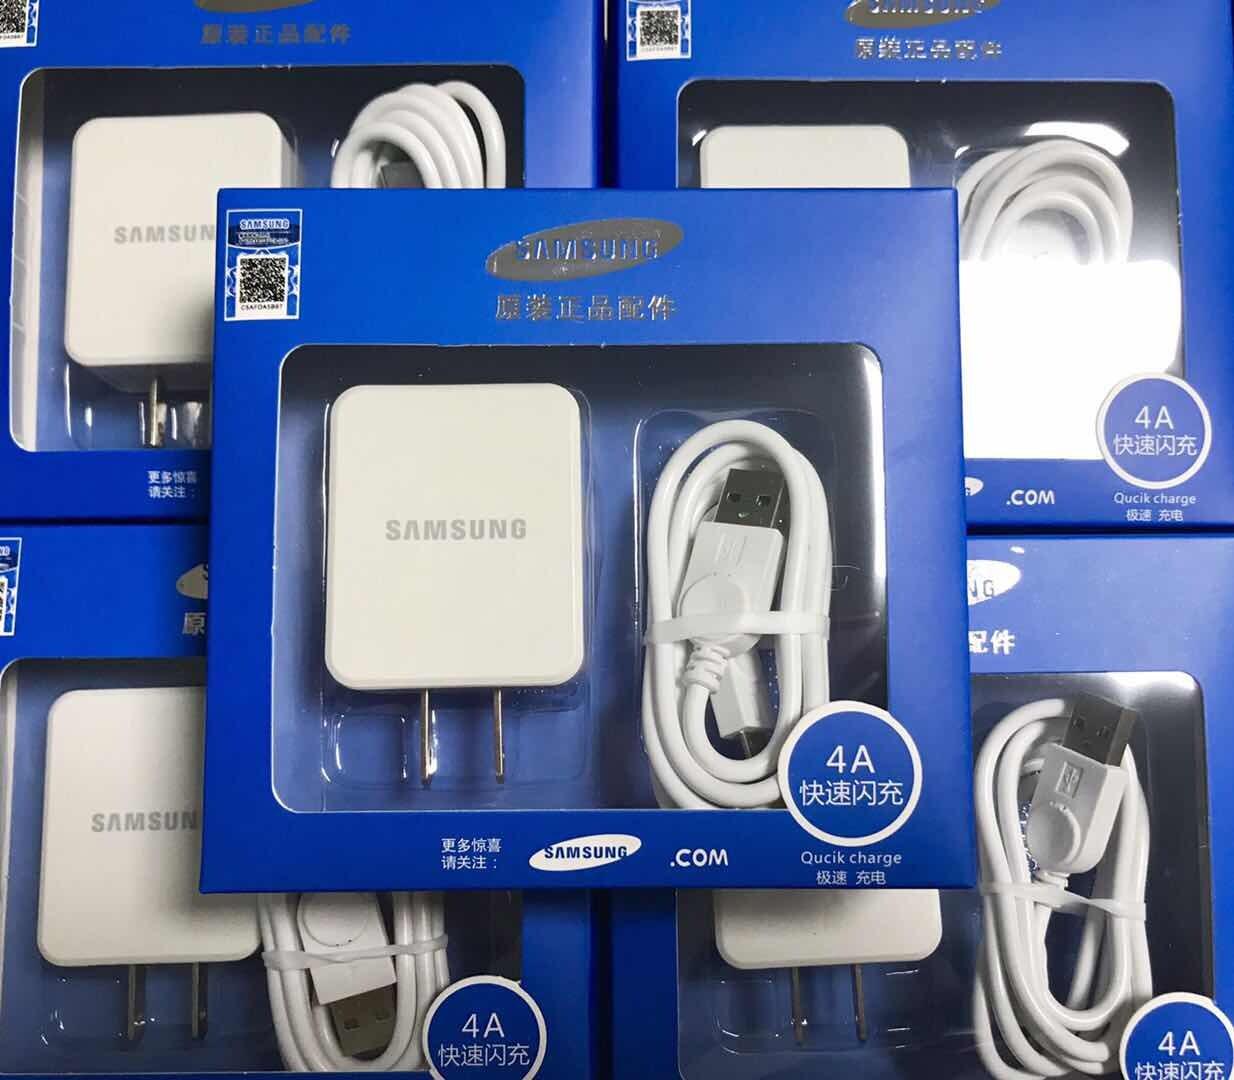 สายชาร์จ Samsung แท้100%1m +หัวชาร์จ5v2aชุดชาร์จเร็วรองรับทุกรุ่น Samsung Orginal。.